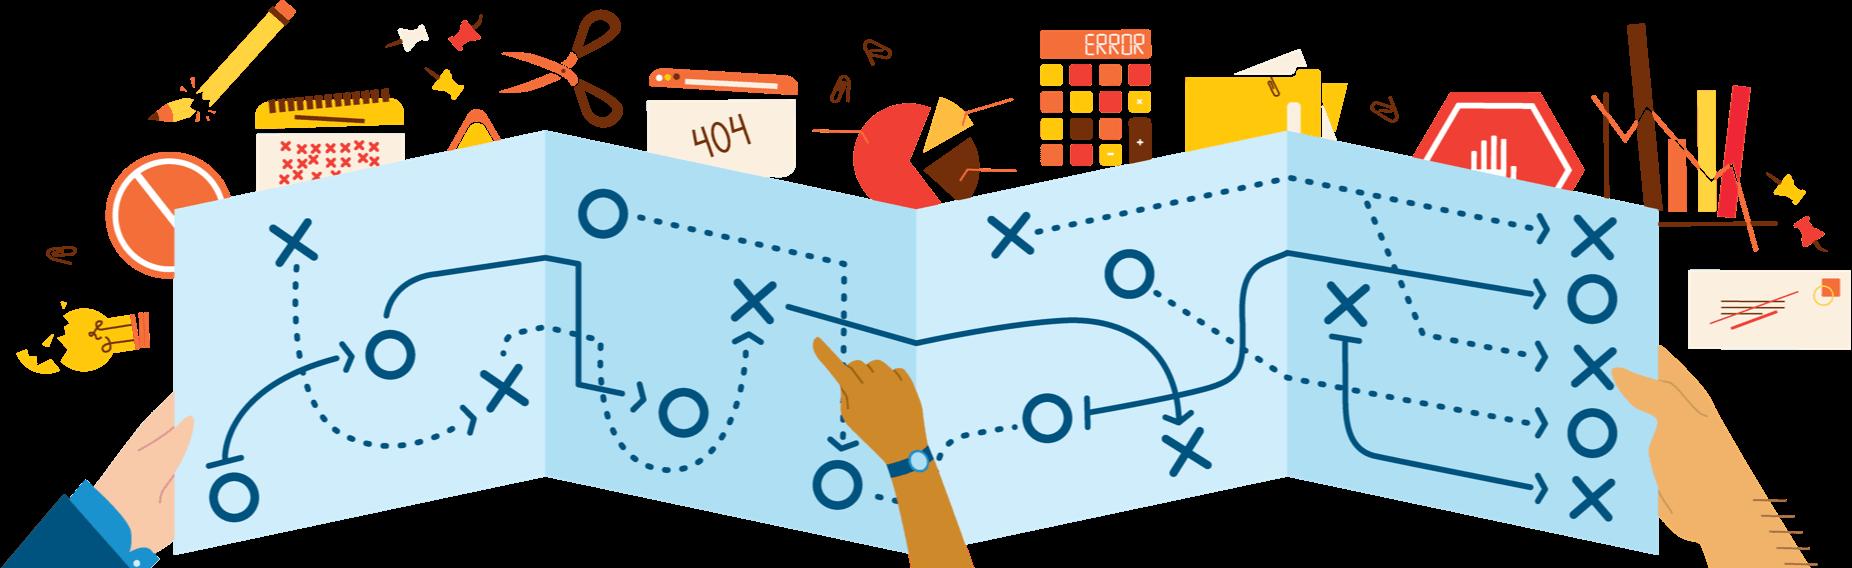 Manual de estrategias para equipos de Atlassian: las actividades de formación de equipos más eficaces.